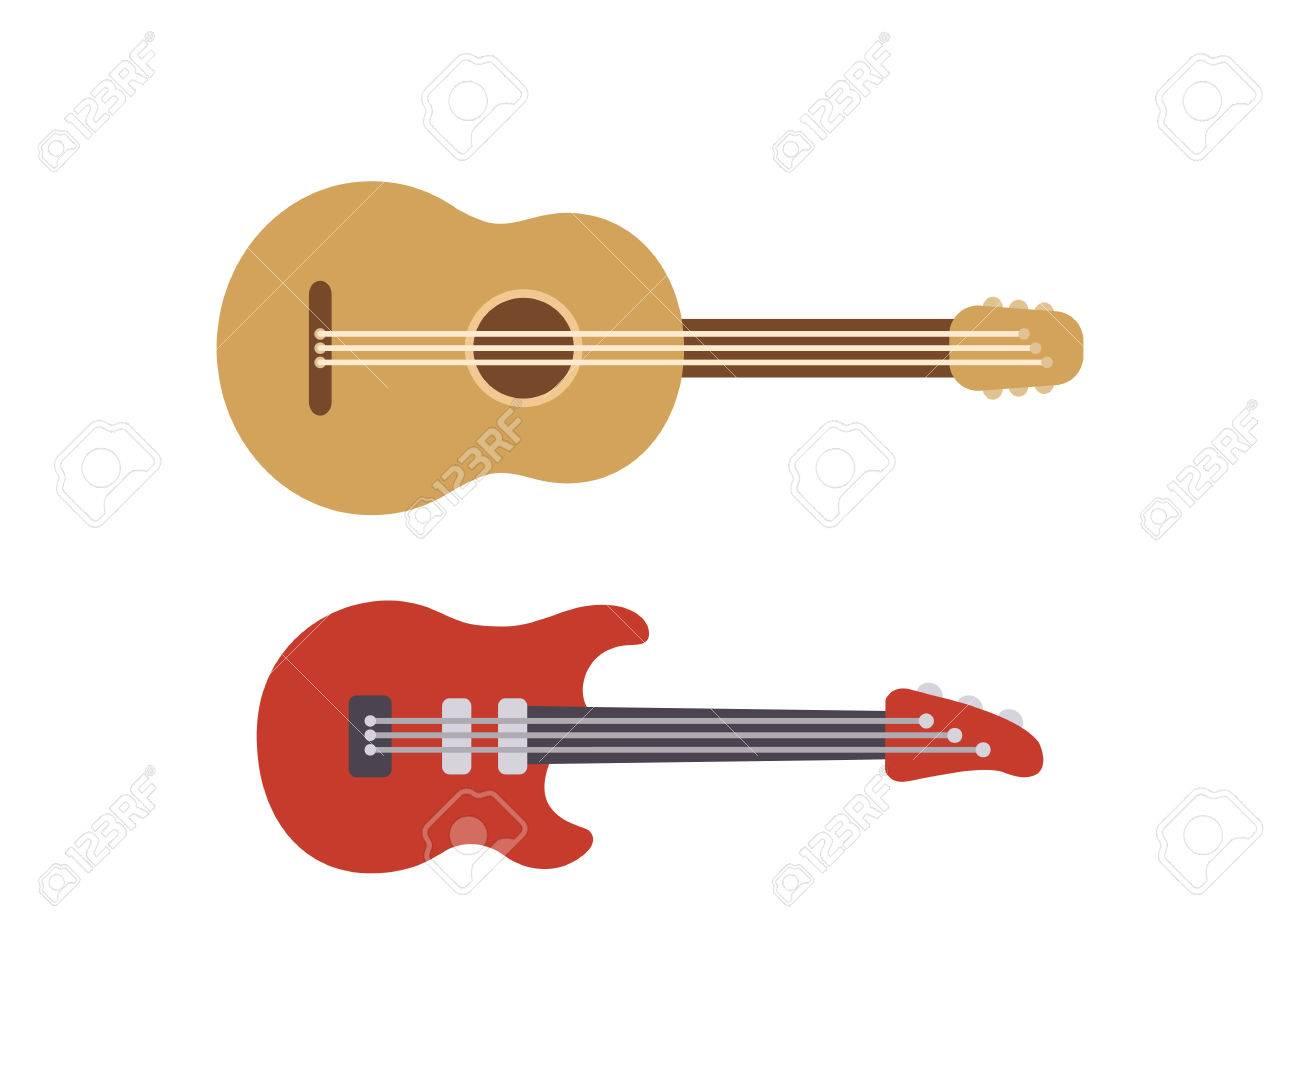 Dos Guitarras Estilizadas Planos: Eléctrica Acústica Y Clásica ...